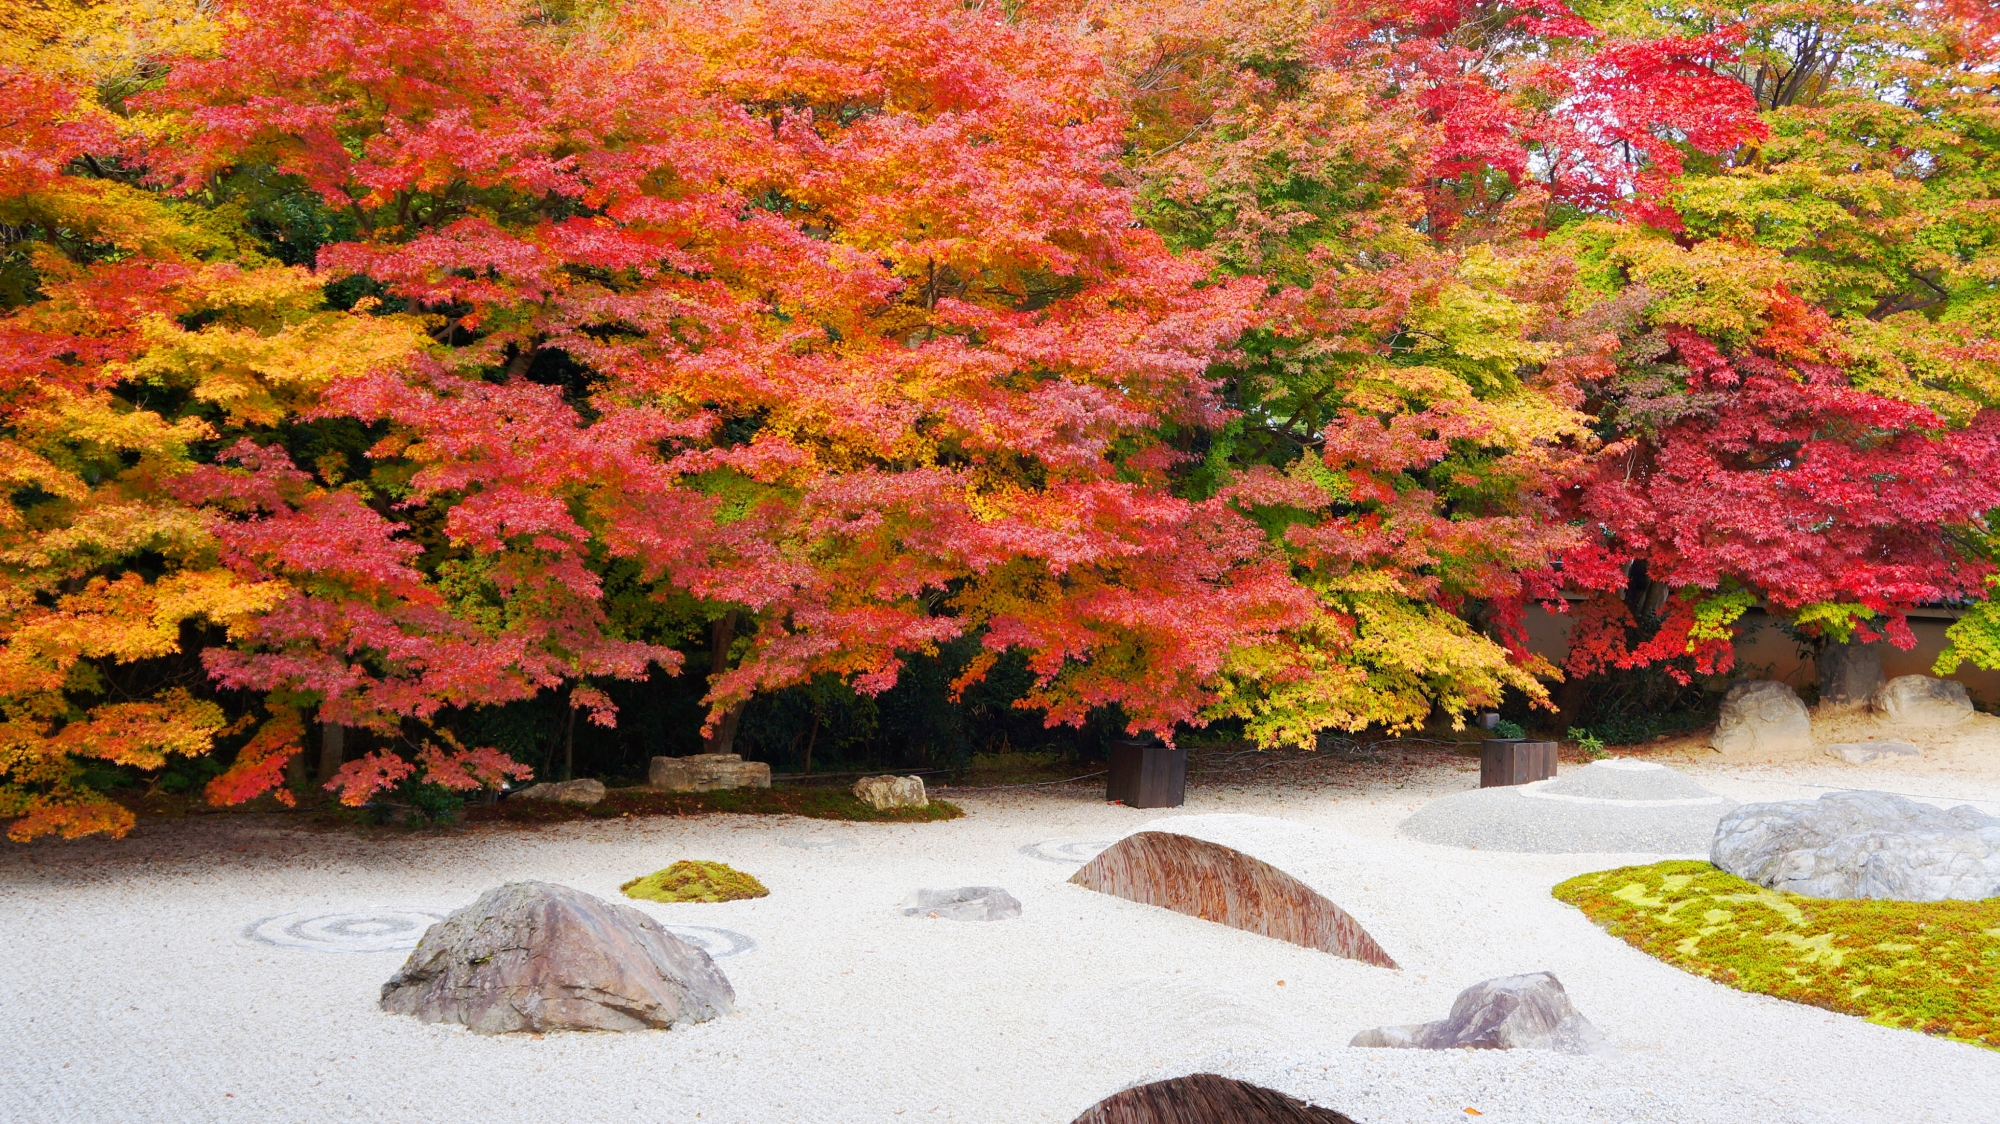 実相院石庭の白砂や苔を彩る多彩な紅葉